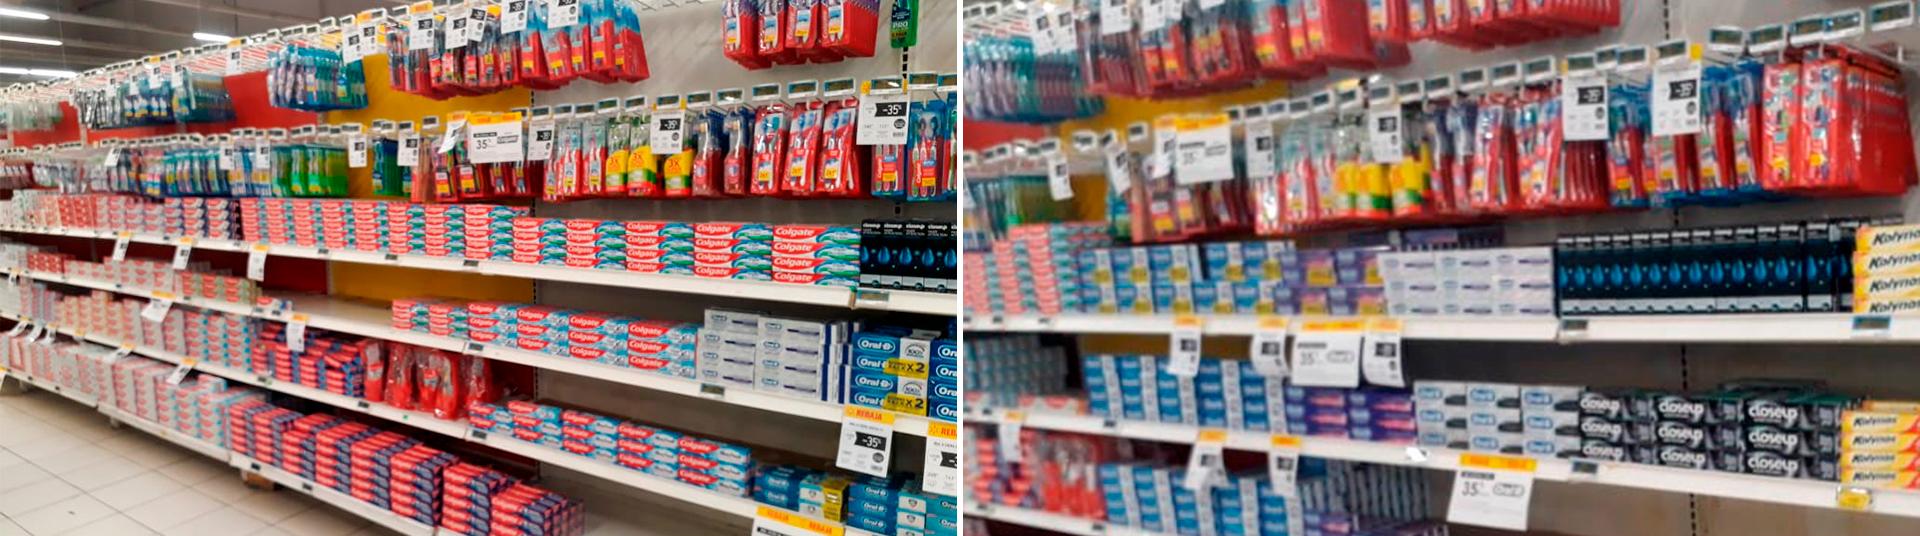 En la categoría de productos de higiene dental, se nota claramente cómo Colgate pierde espacio con la nueva Ley